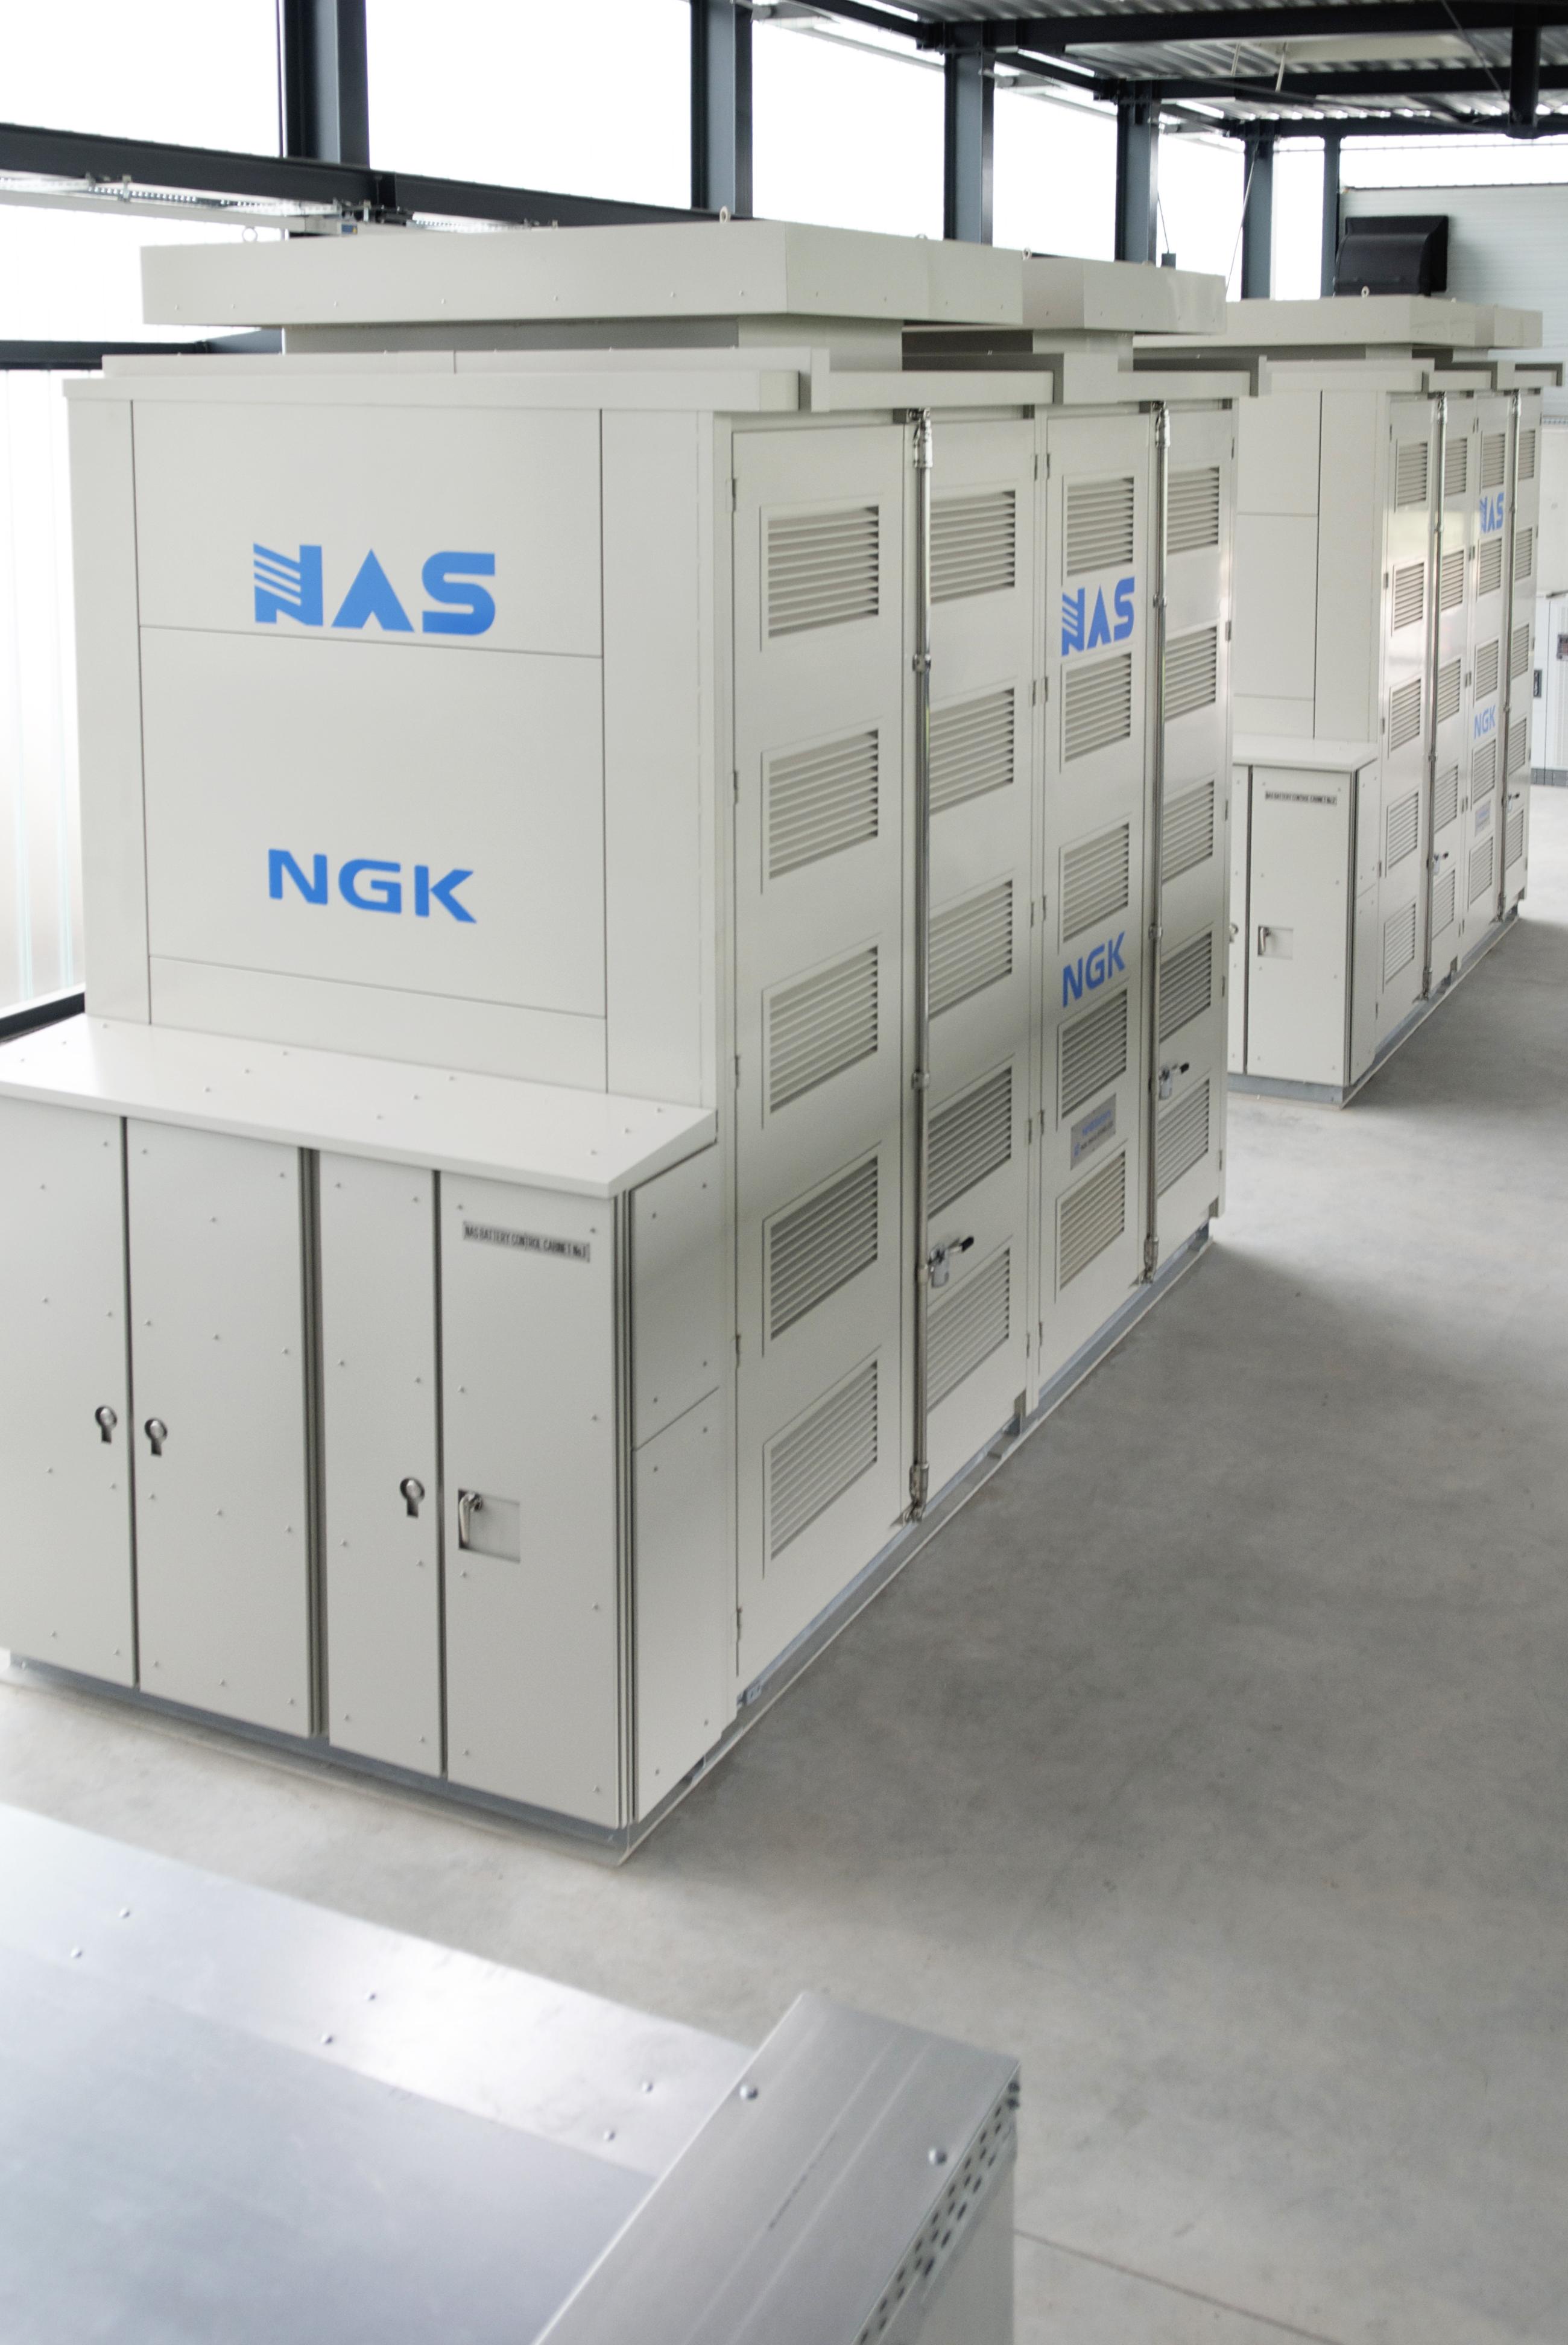 NAS-Batterie von Younicos